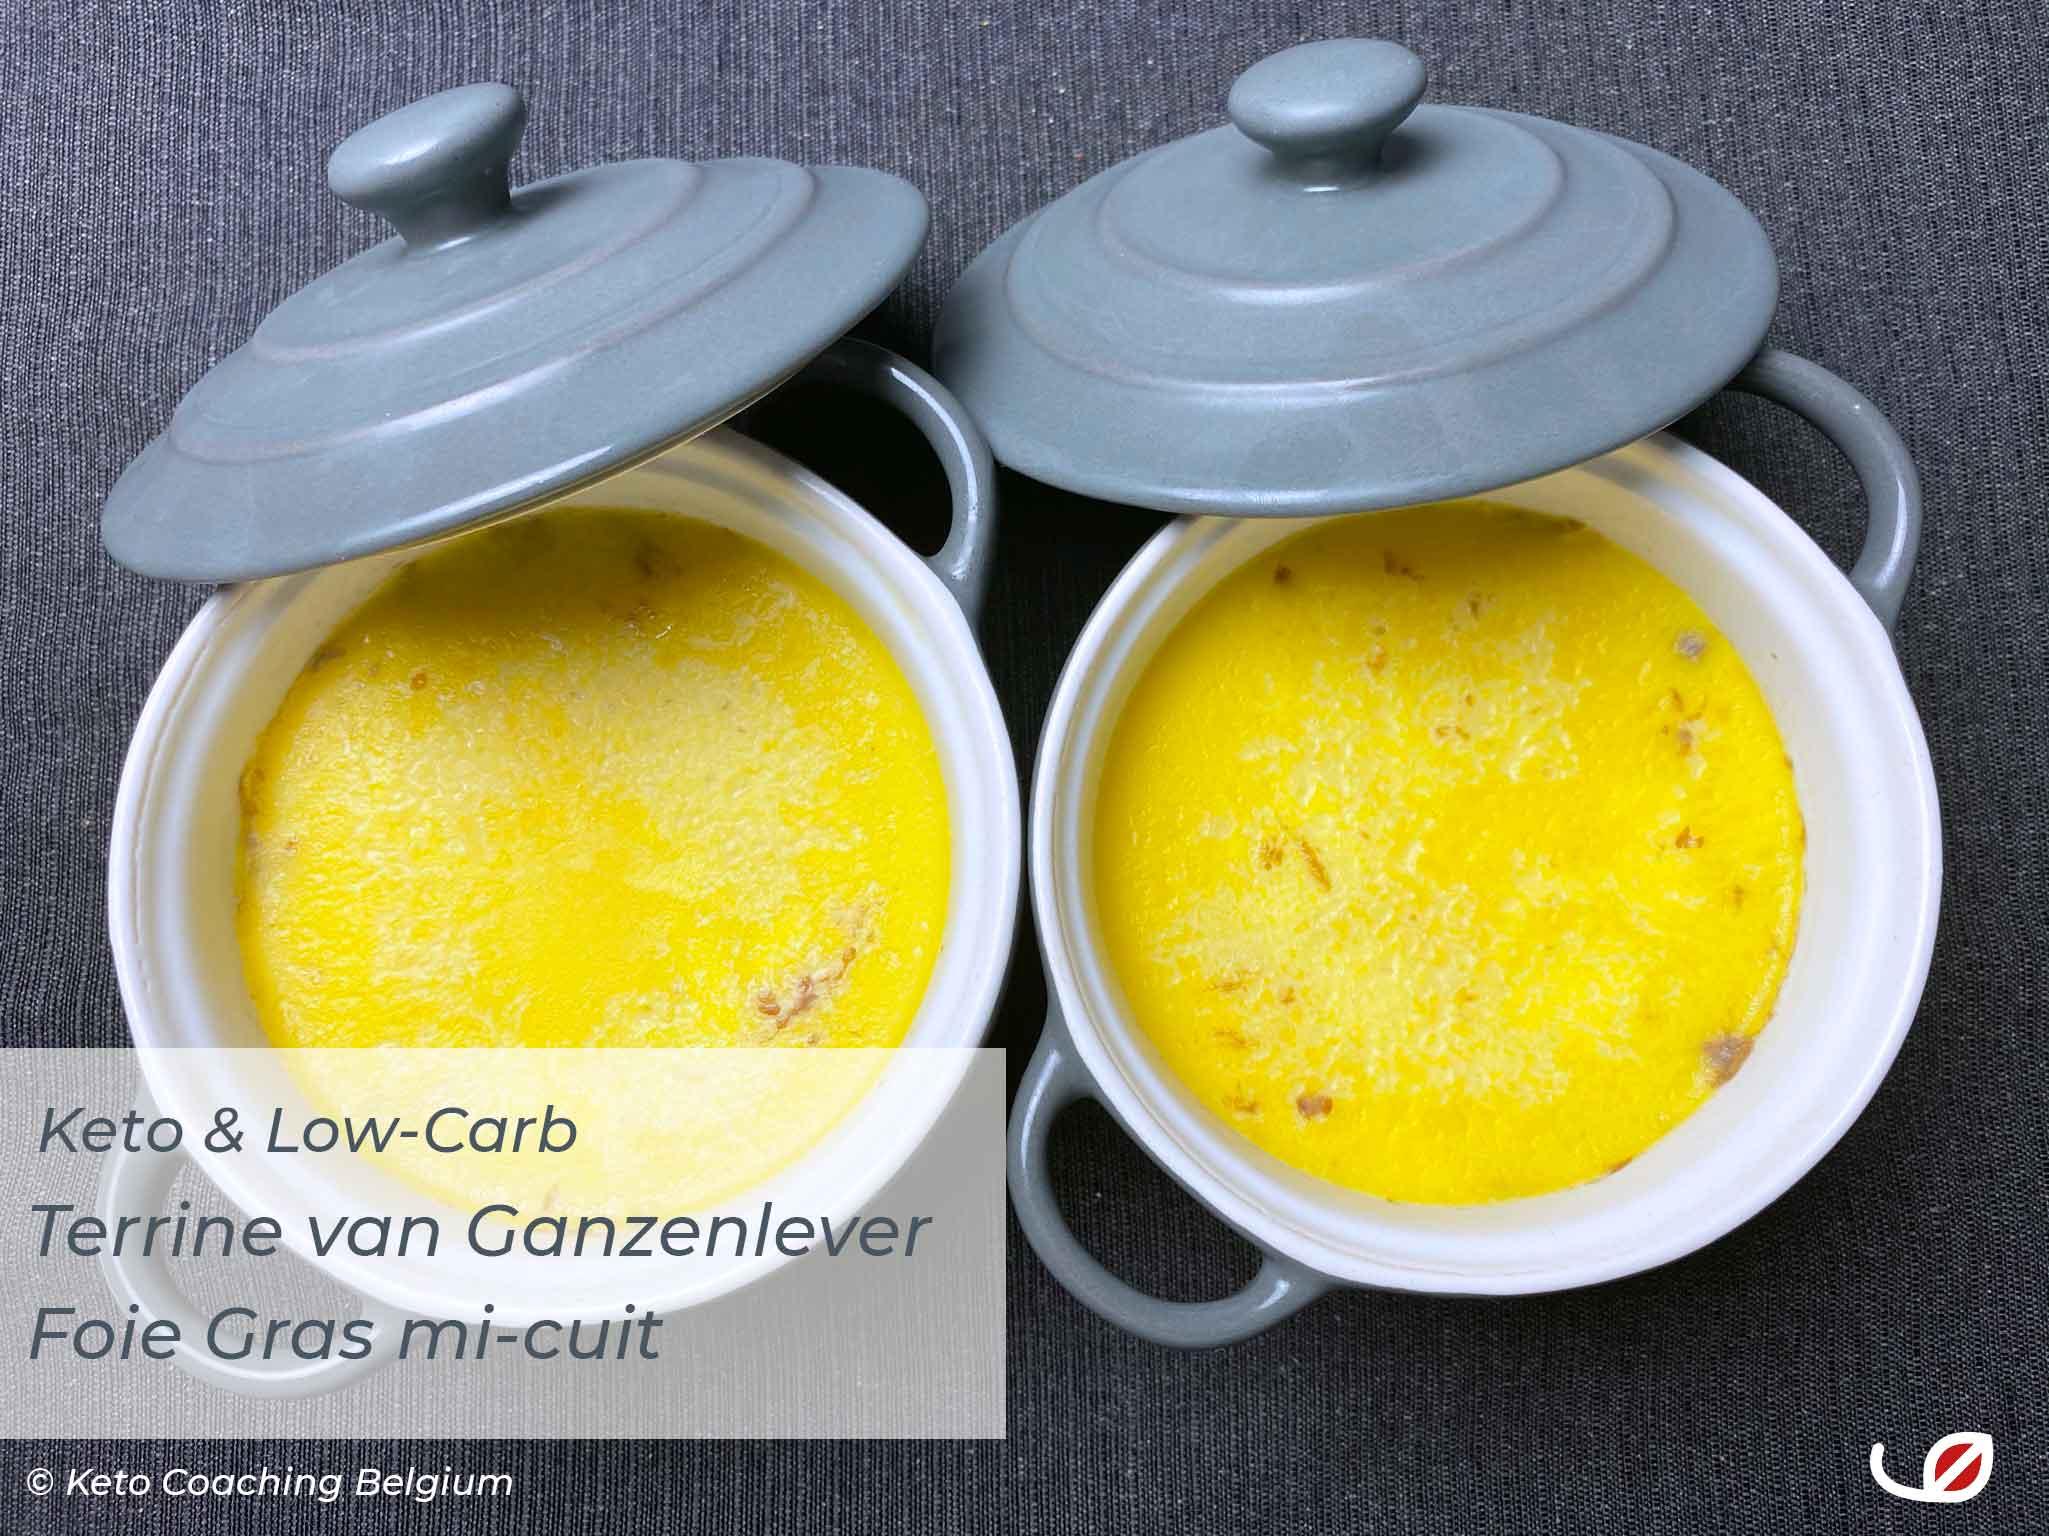 Keto Low-Carb Koolhydraatarme Terrine van ganzenlever - Foie Gras mi-cuit